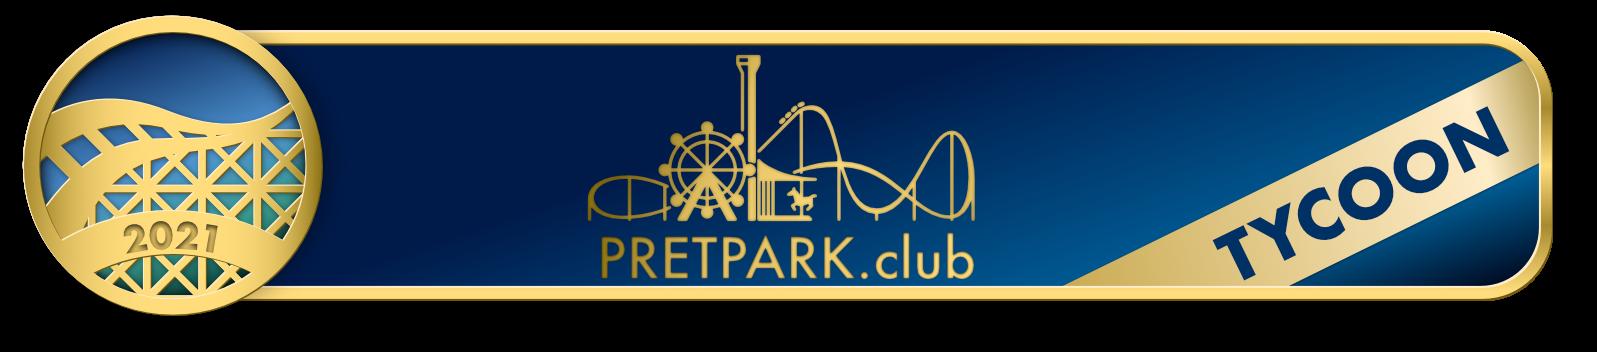 Pretpark.club Tycoon award